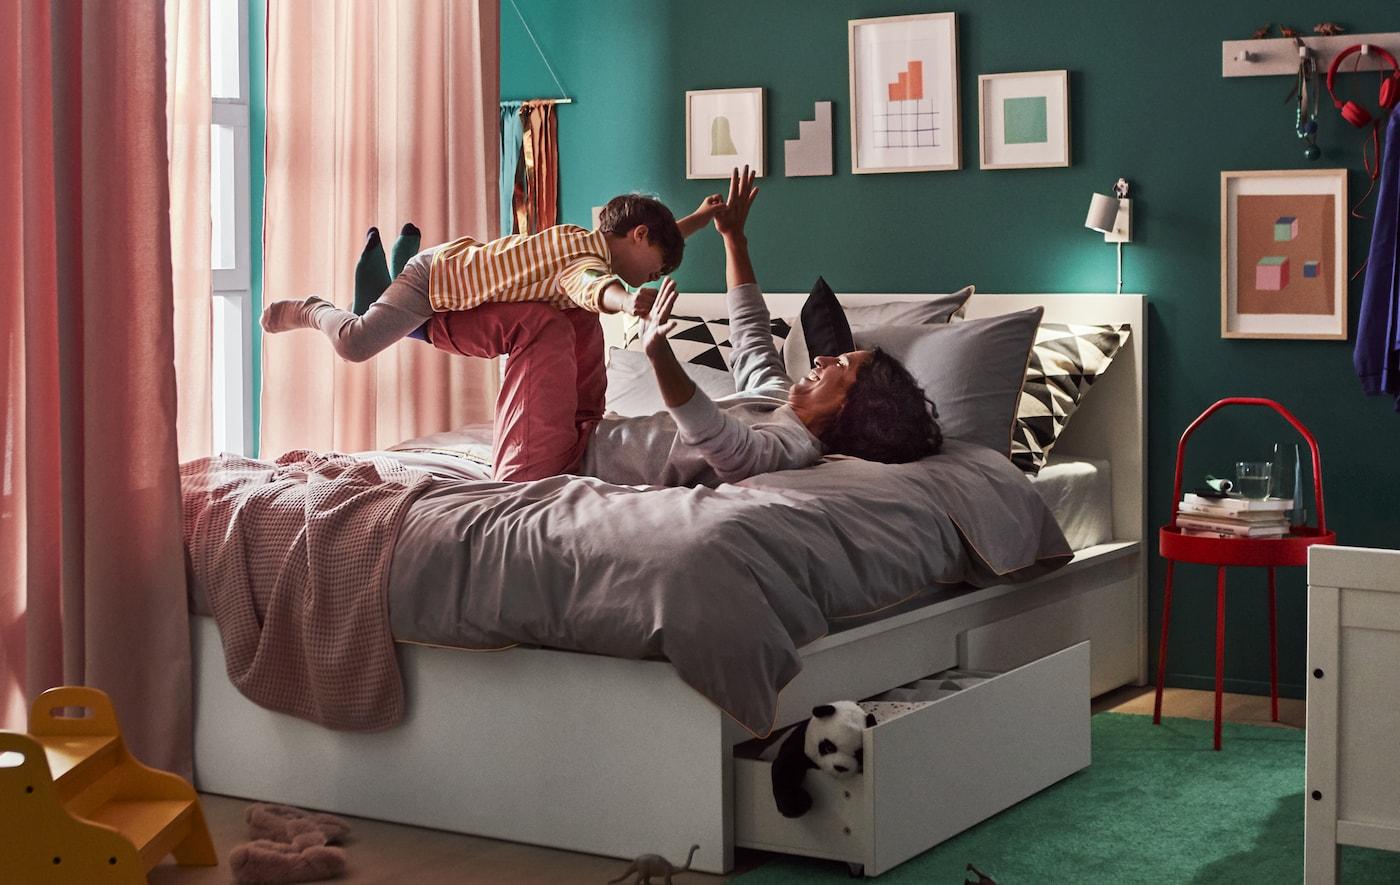 Mutter und Kind spielen auf einem Doppelbett mit viel Stauraum in zwei Schubladen unter dem Bett.